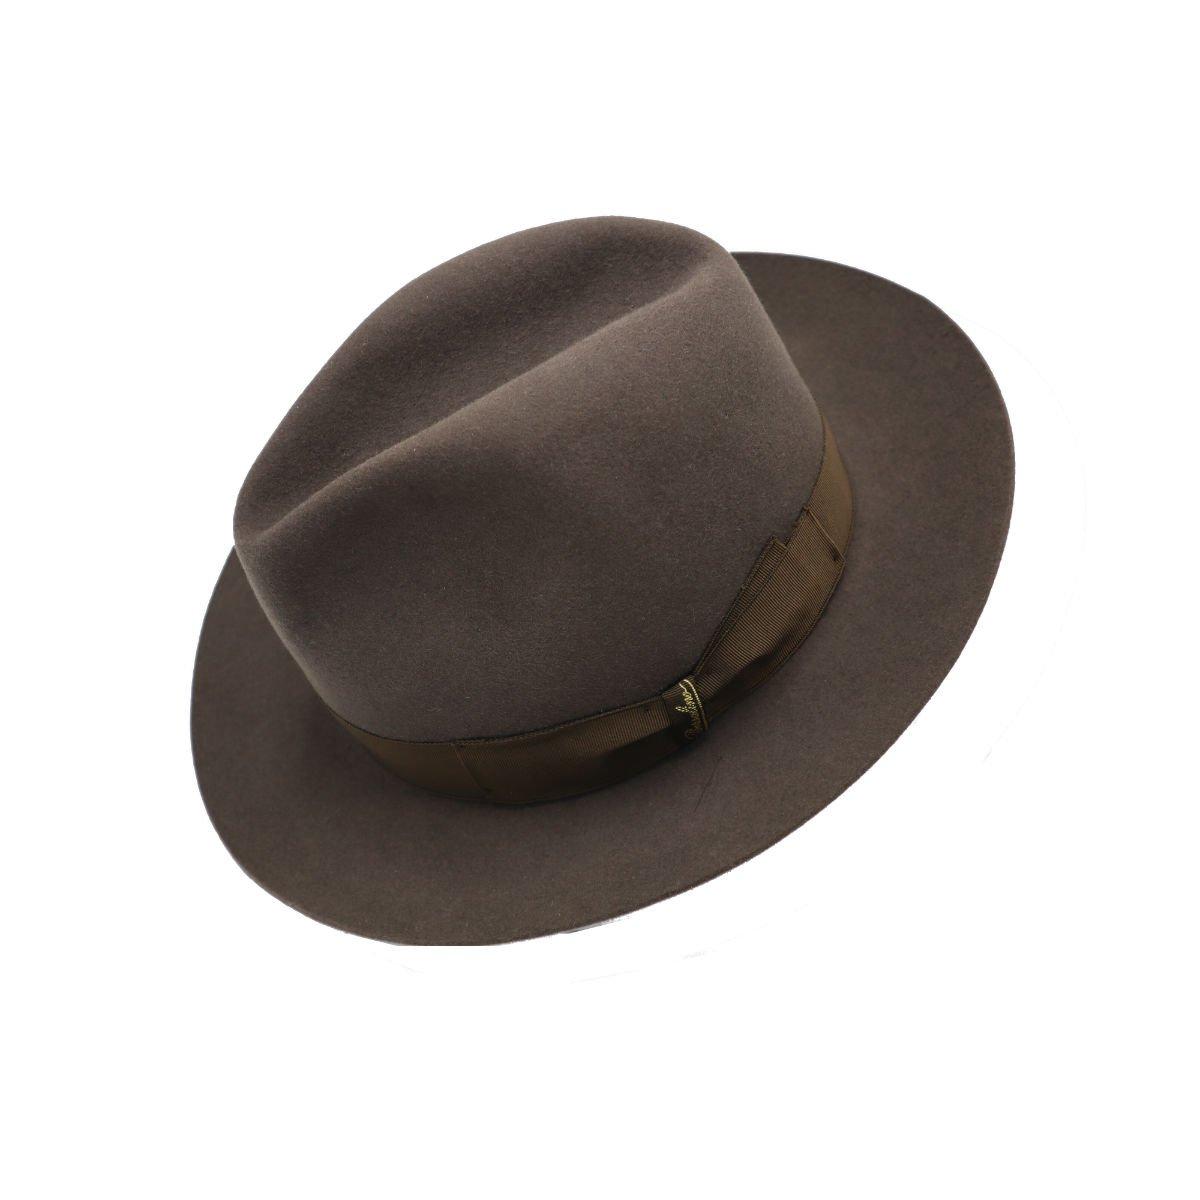 hoed in haarvilt van Borsalino tilted